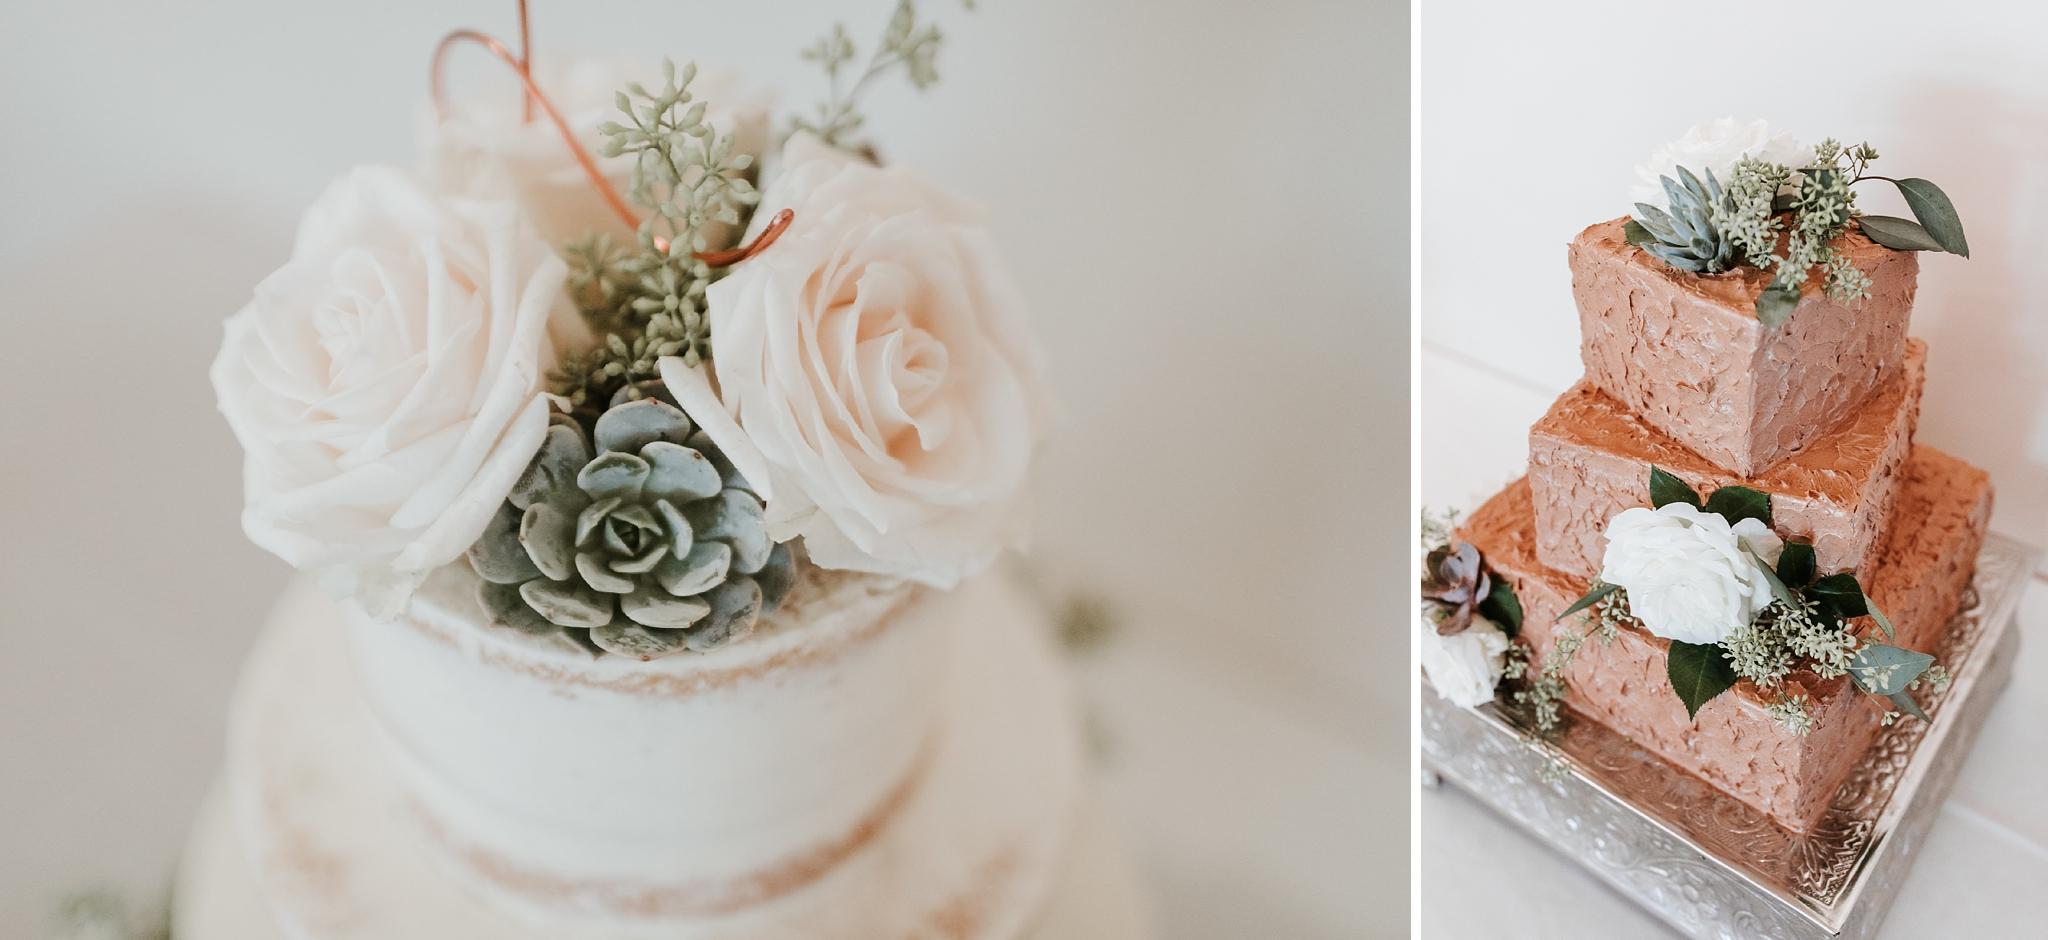 Alicia+lucia+photography+-+albuquerque+wedding+photographer+-+santa+fe+wedding+photography+-+new+mexico+wedding+photographer+-+new+mexico+wedding+-+new+mexico+wedding+-+wedding+florals+-+desert+wedding+-+wedding+trends_0029.jpg